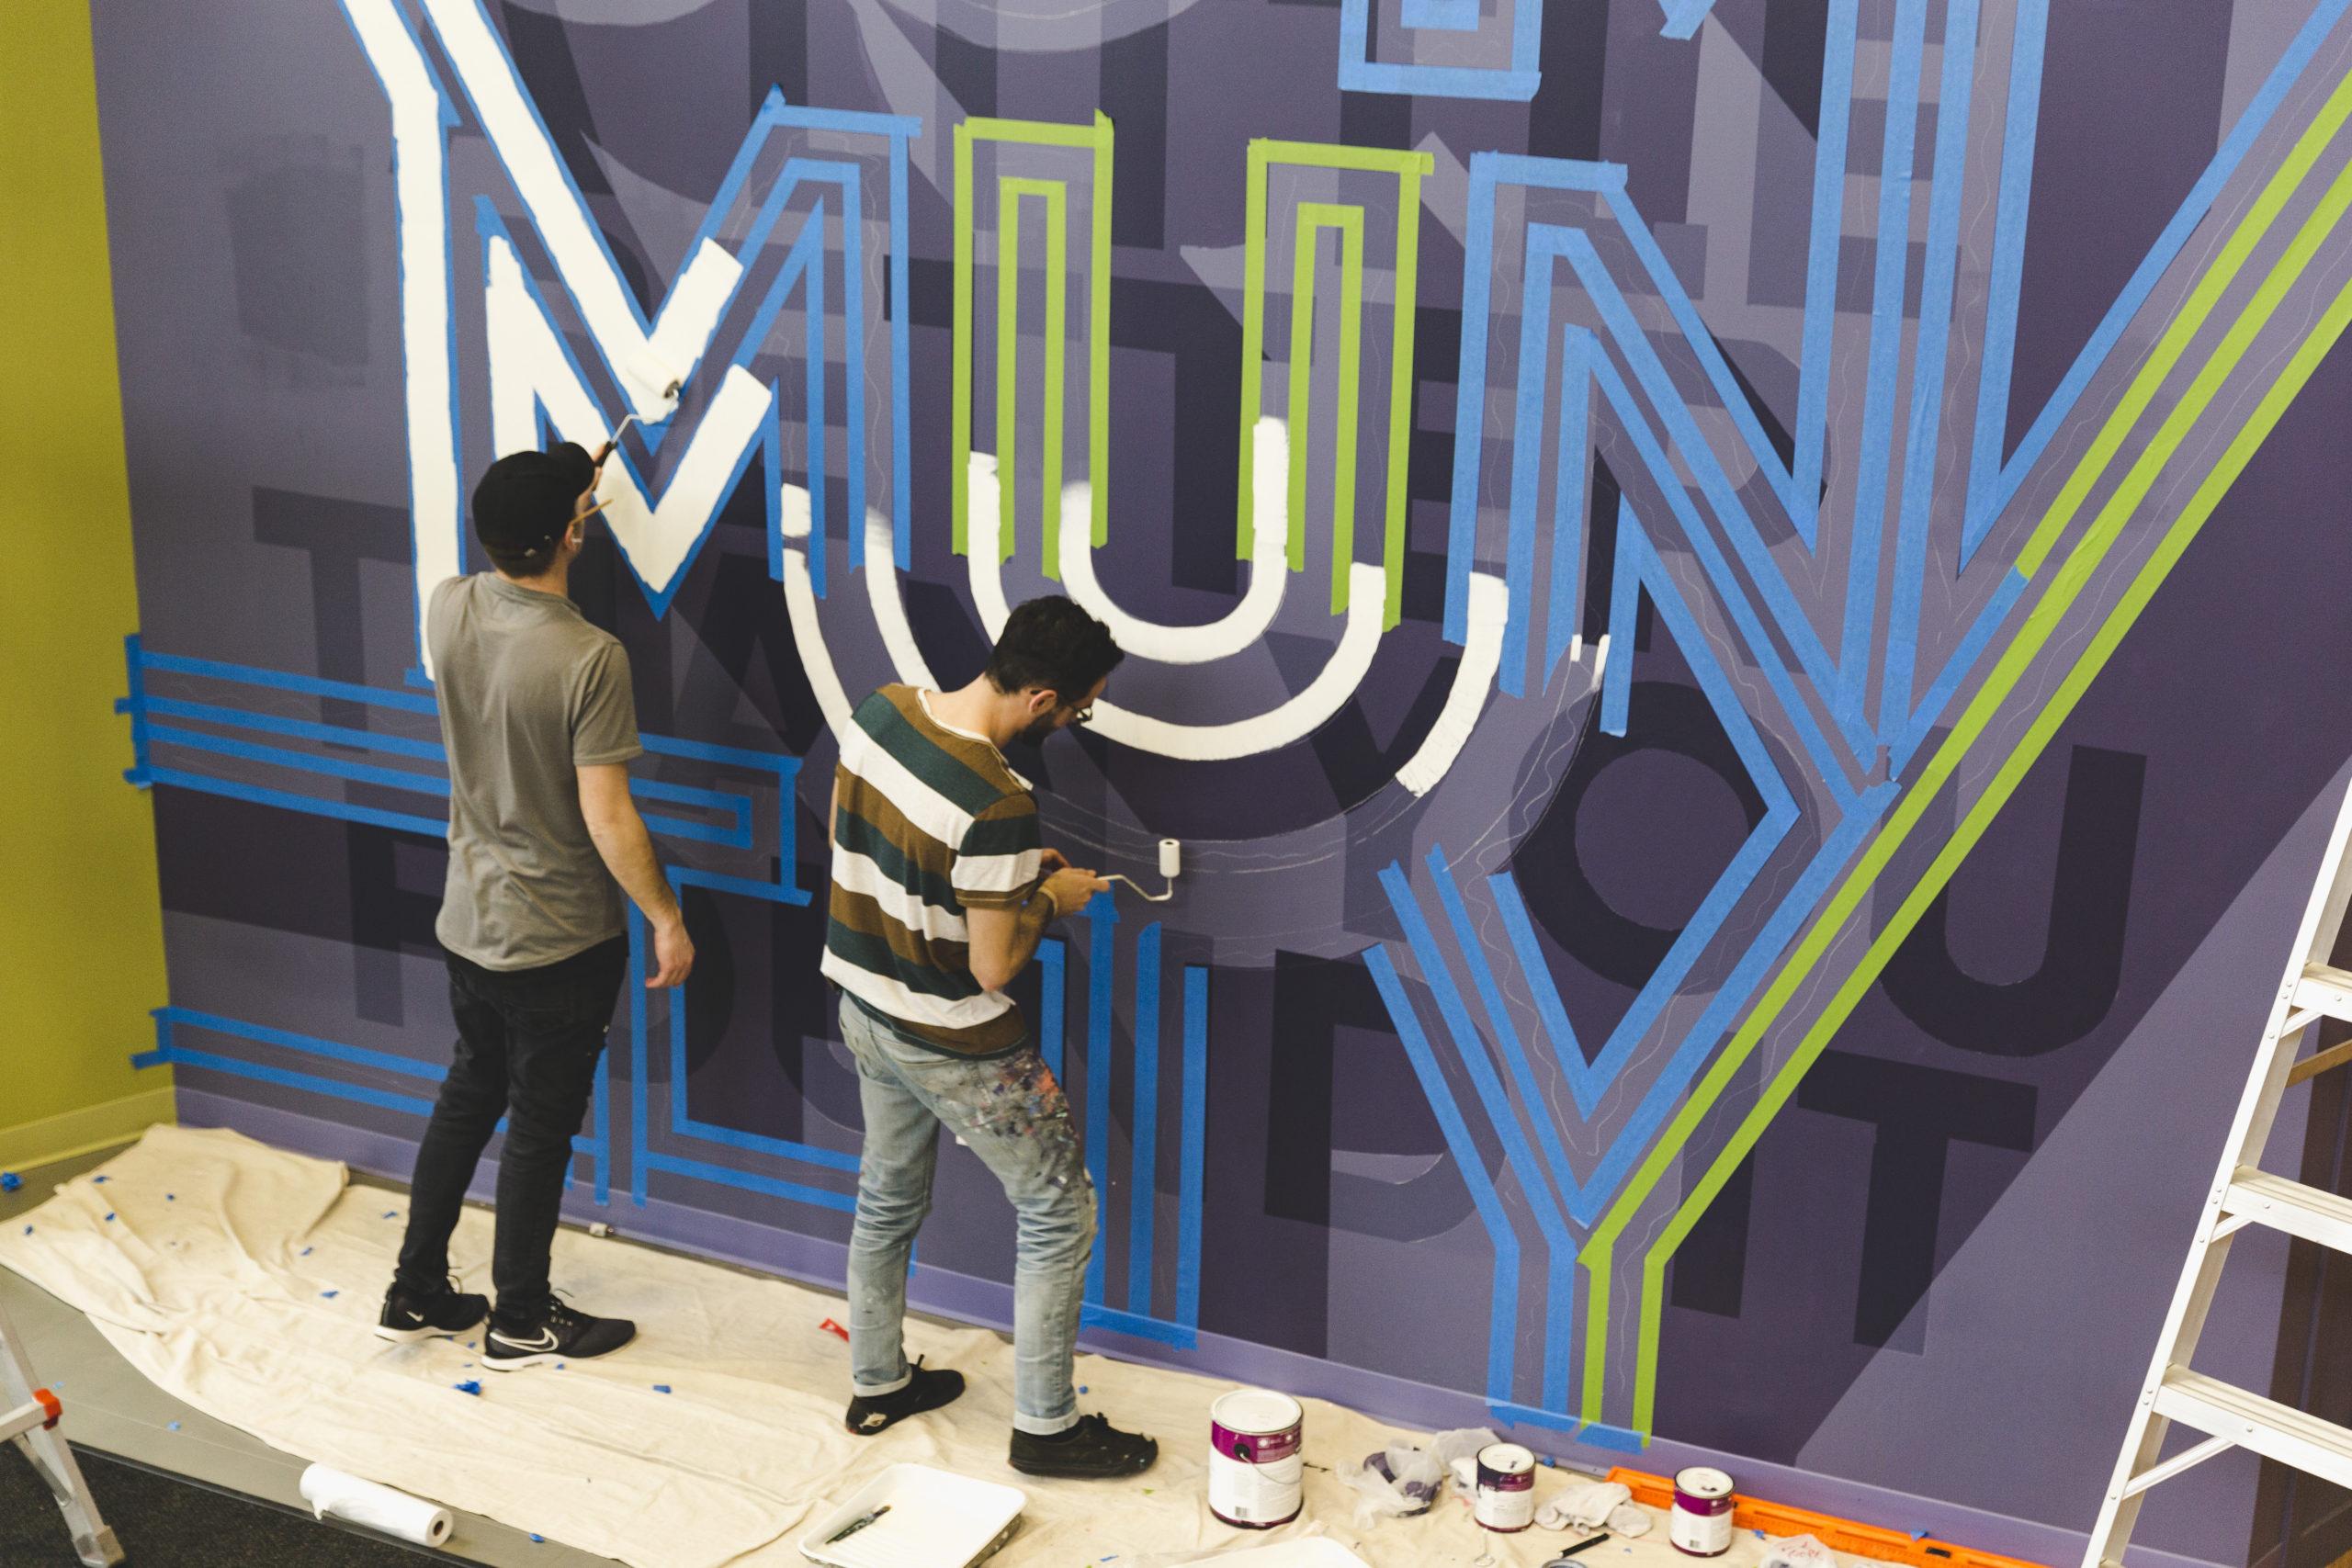 VicarelAdam_MT-Values-Murals_20200221_21